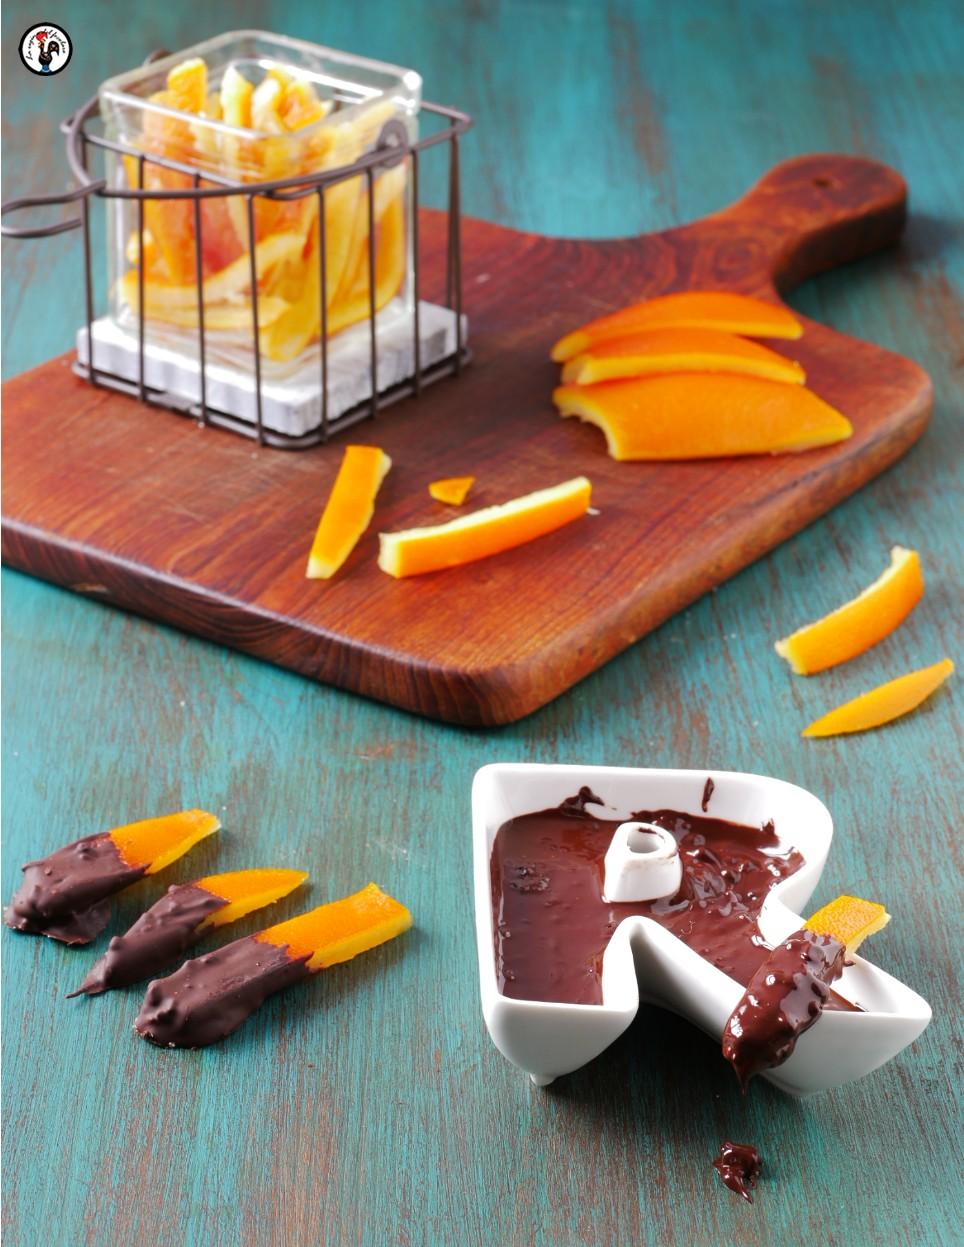 Scorzette di arance candite home made